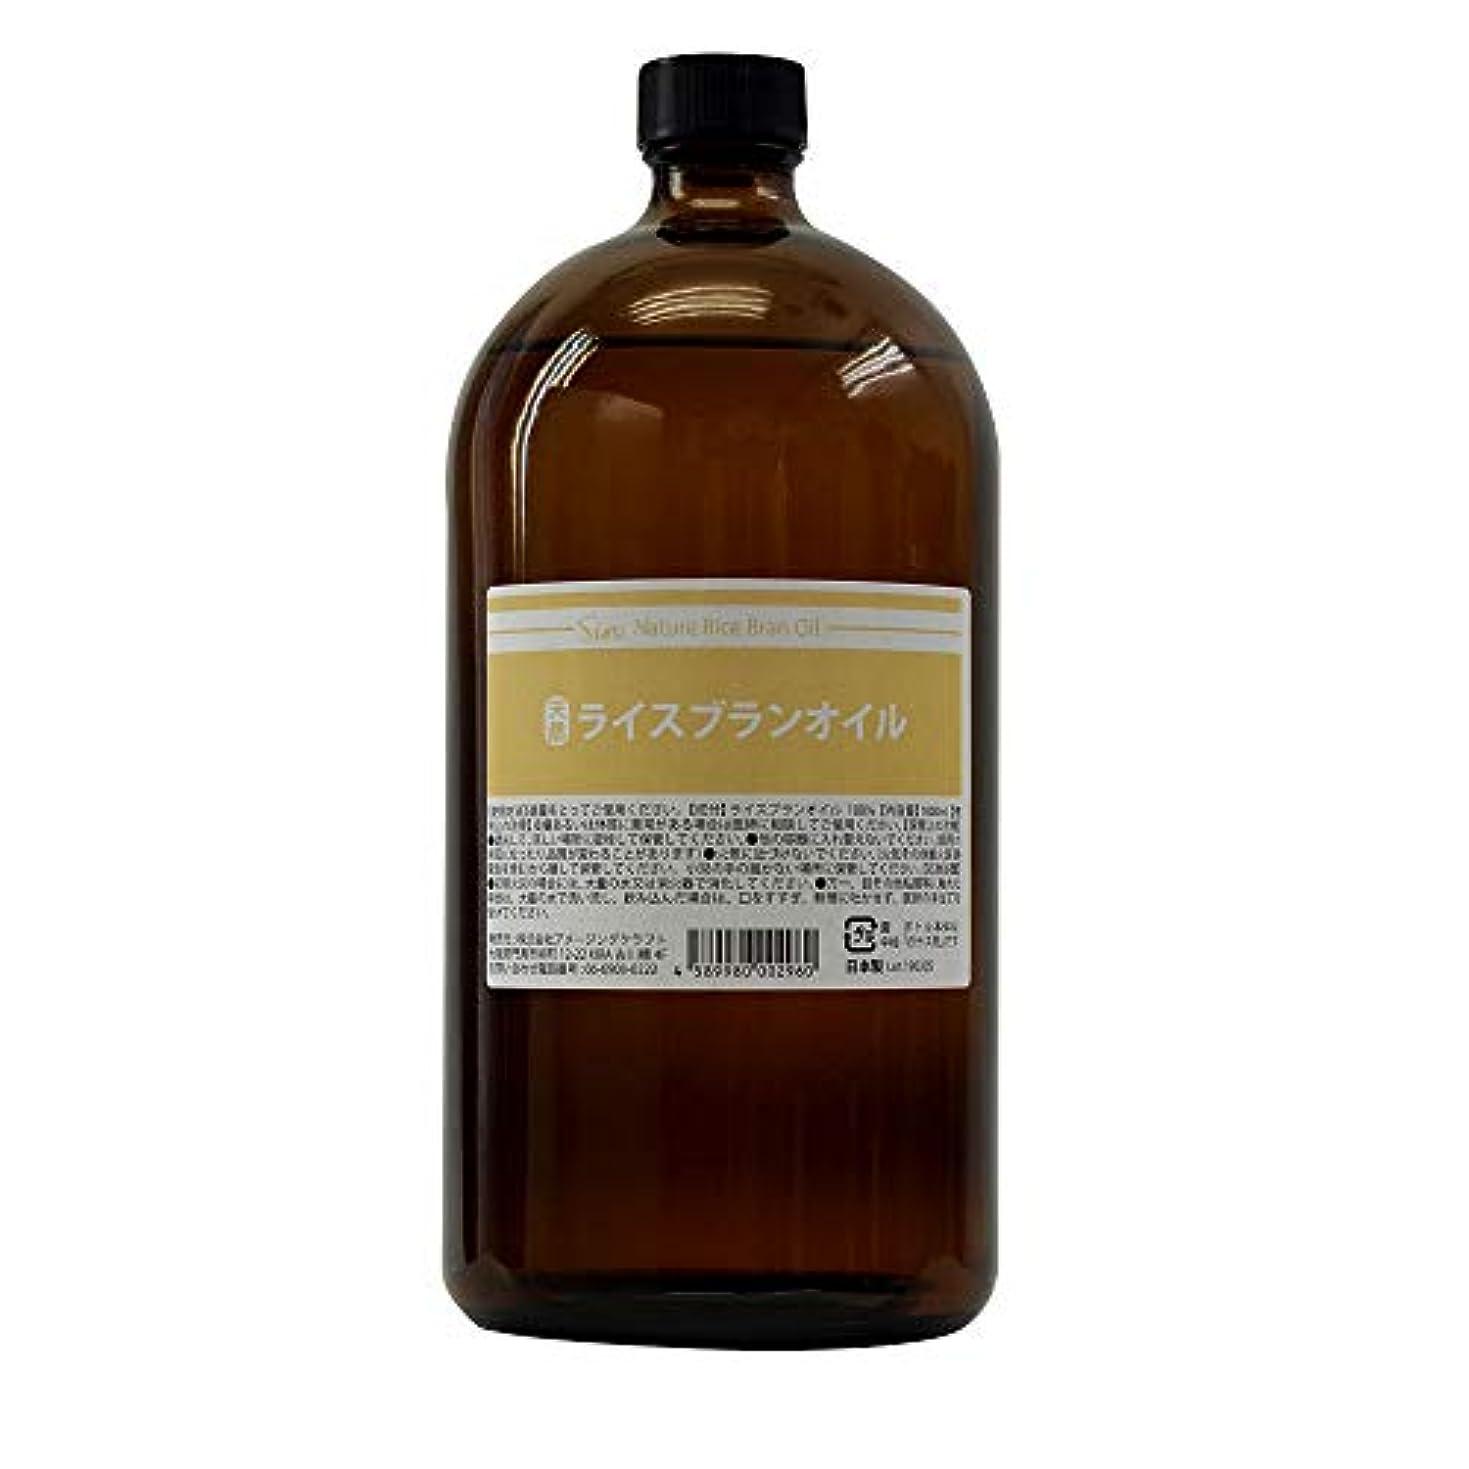 におい宮殿専ら天然無添加 国内精製 ライスブランオイル 1000ml (1L)